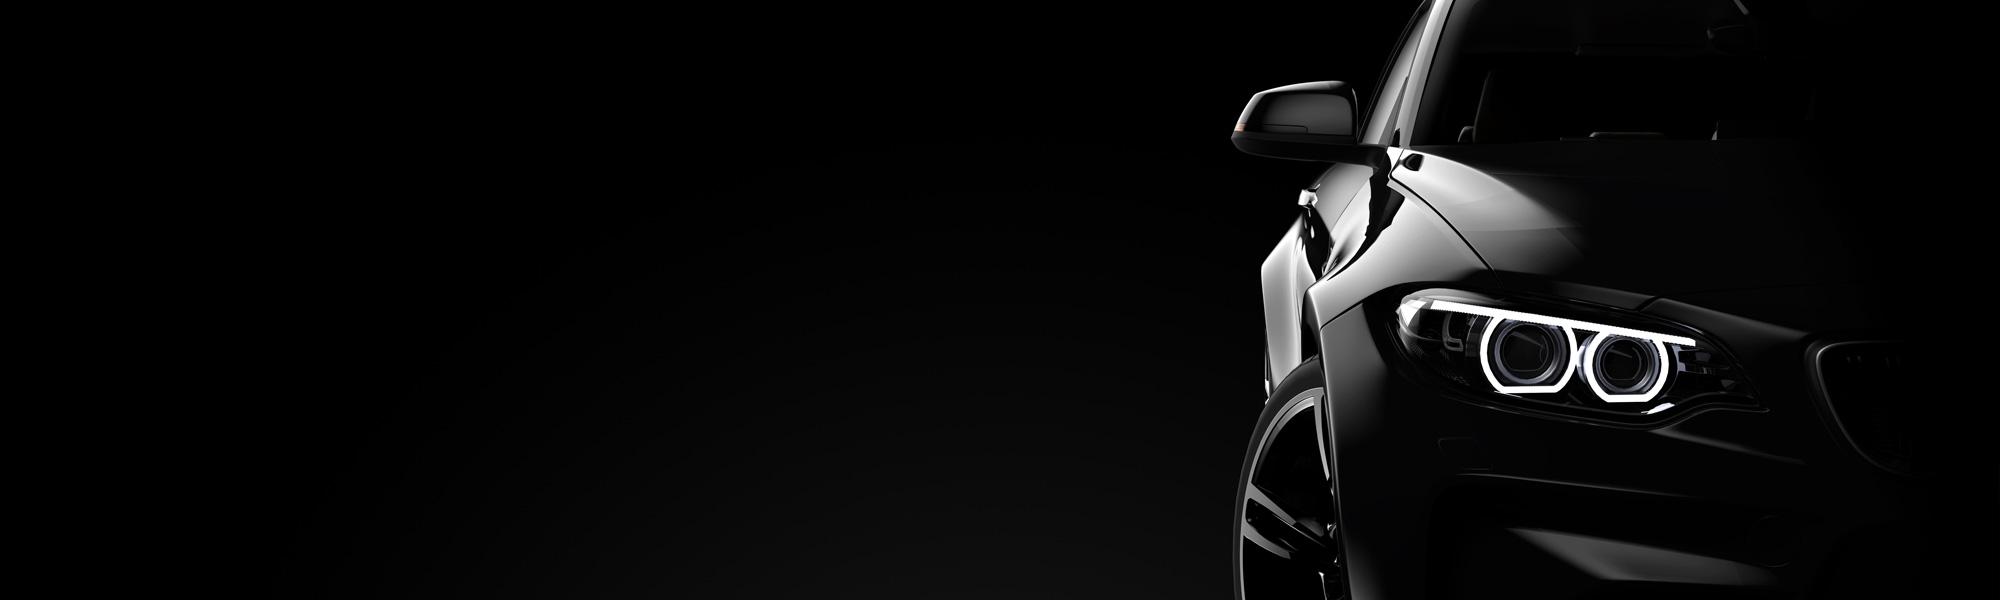 Schwarzer Hintergrund mit schwarzem Fahrzeug